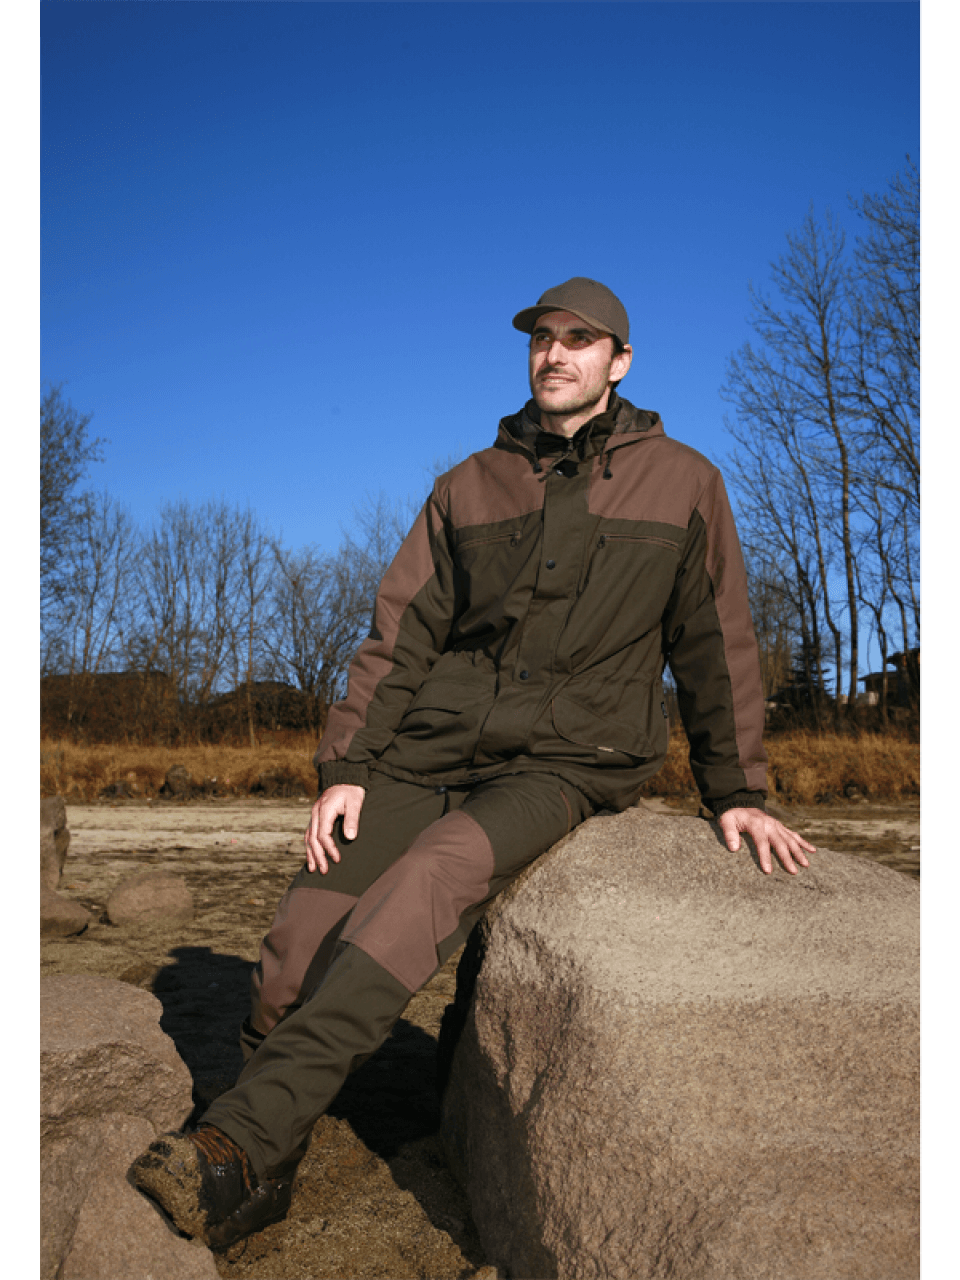 outdoorové nohavice Park outdoorové oblečenie ext